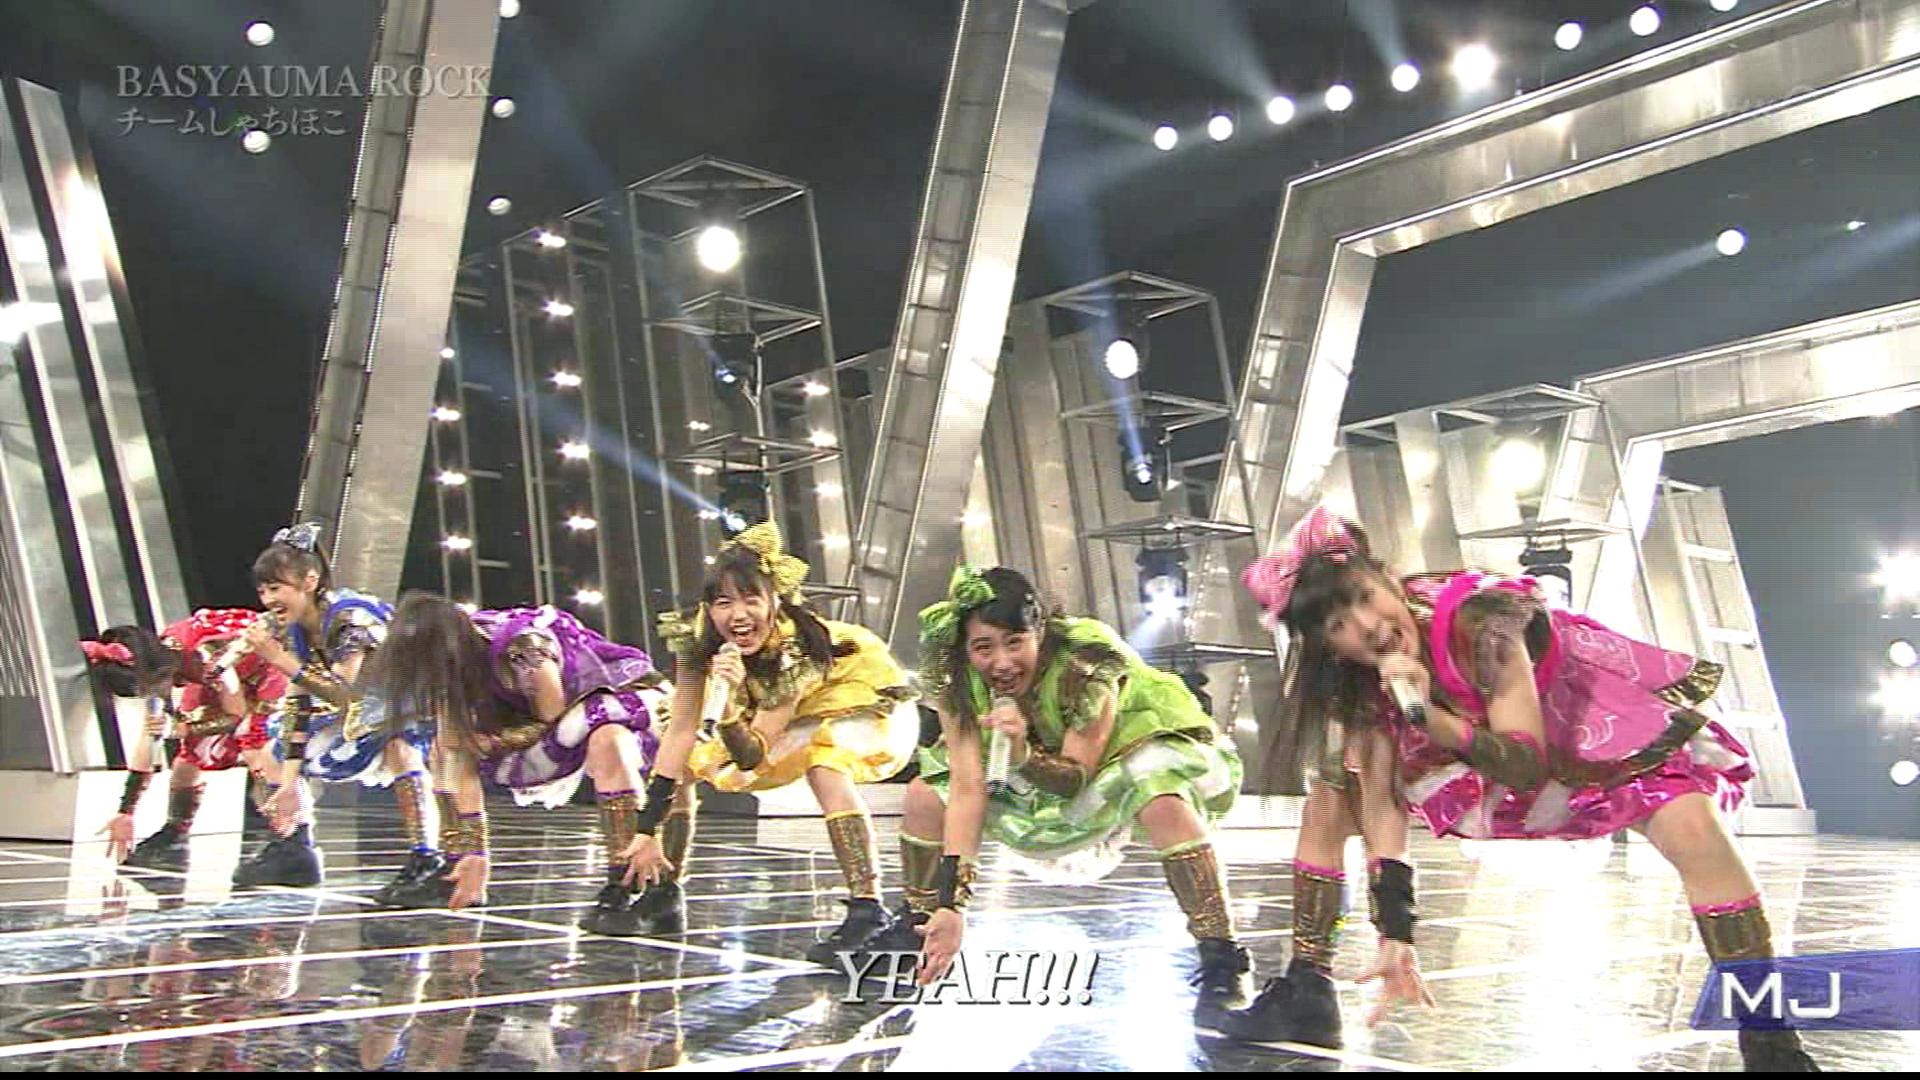 20160809.04.27 Team Syachihoko - Basyauma Rock (Music Japan 2015.10.04 HDTV) (JPOP.ru).ts 1.jpg